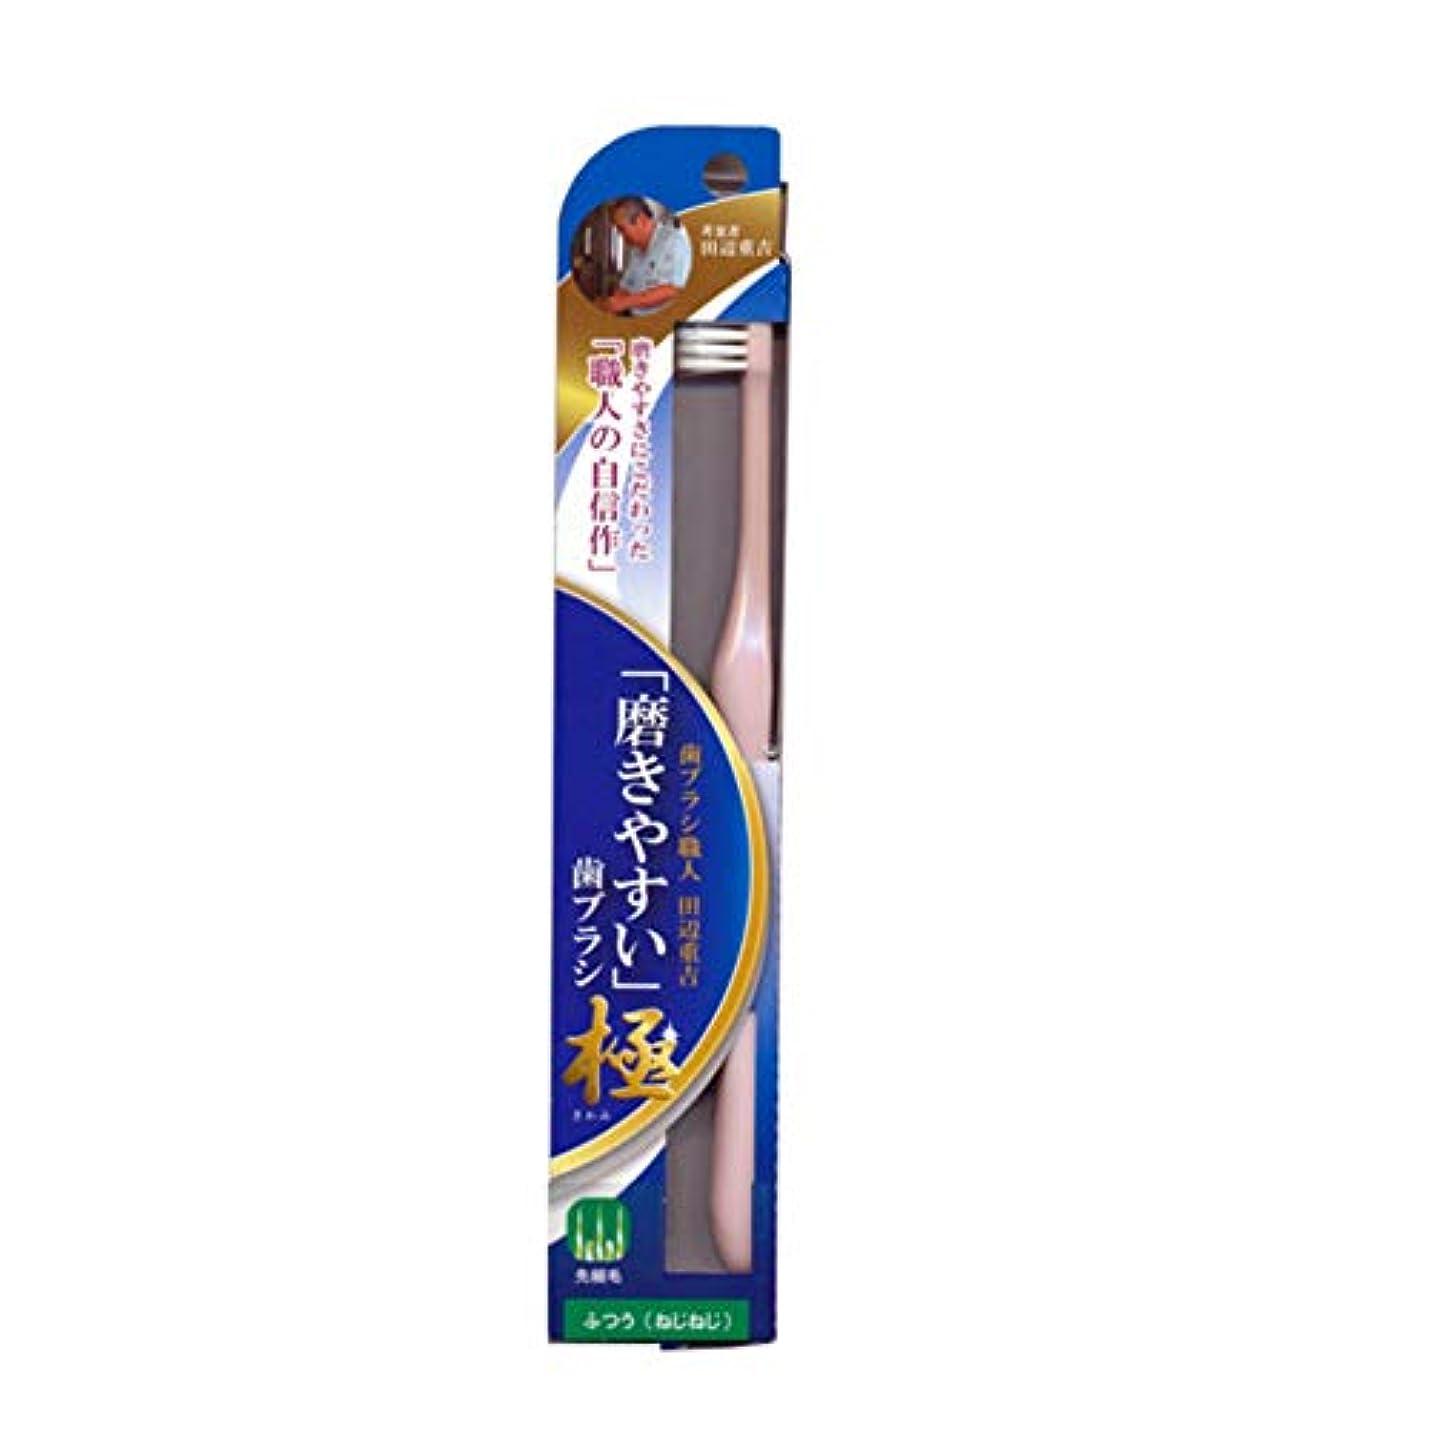 ゲートウェイ標準ご予約磨きやすい歯ブラシ極 (ふつう ねじねじ) LT-45 先細毛(色選択不可)